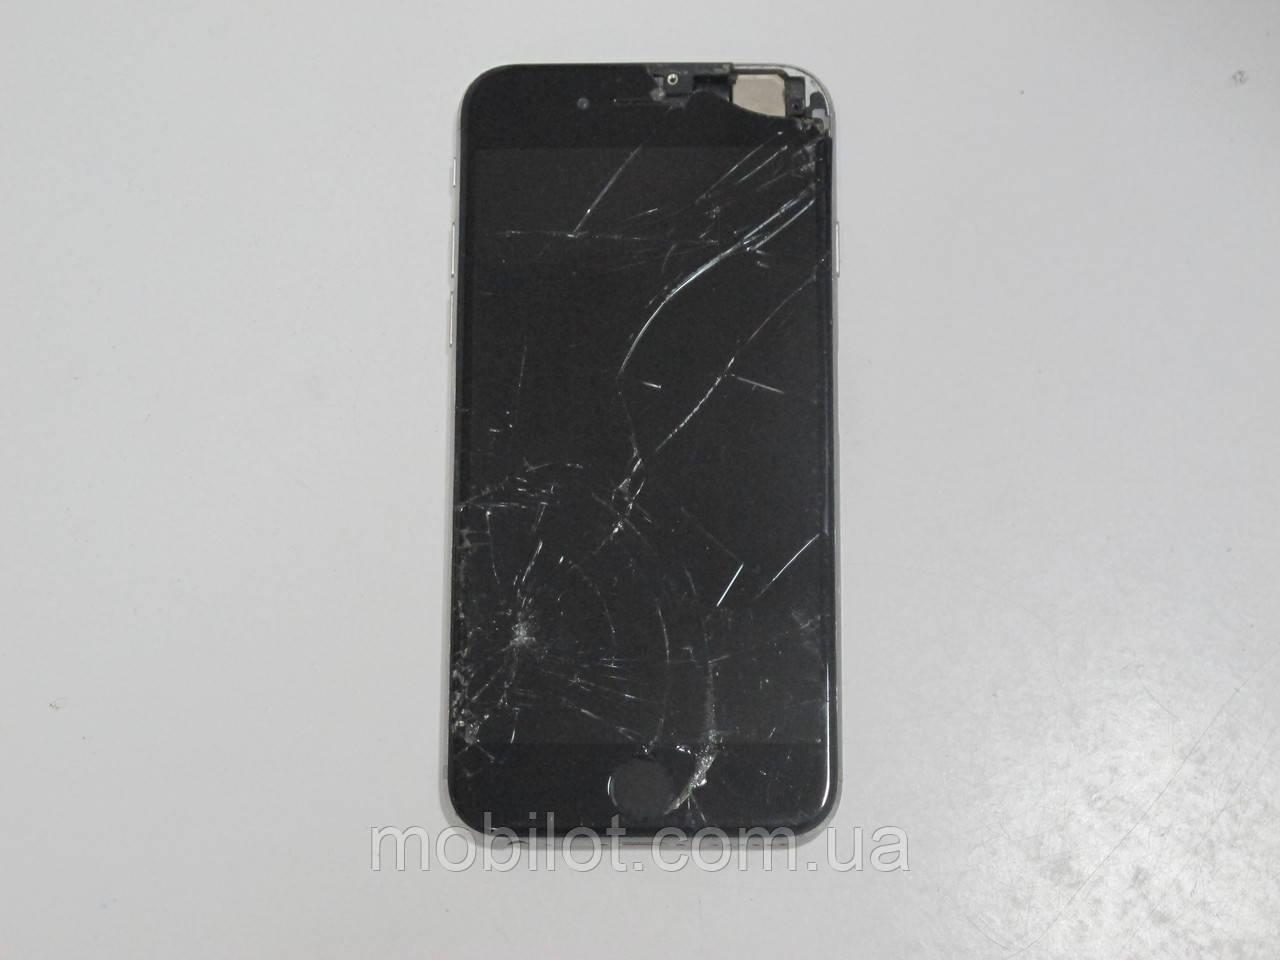 Мобильный телефон iPhone 6 (TZ-6761)